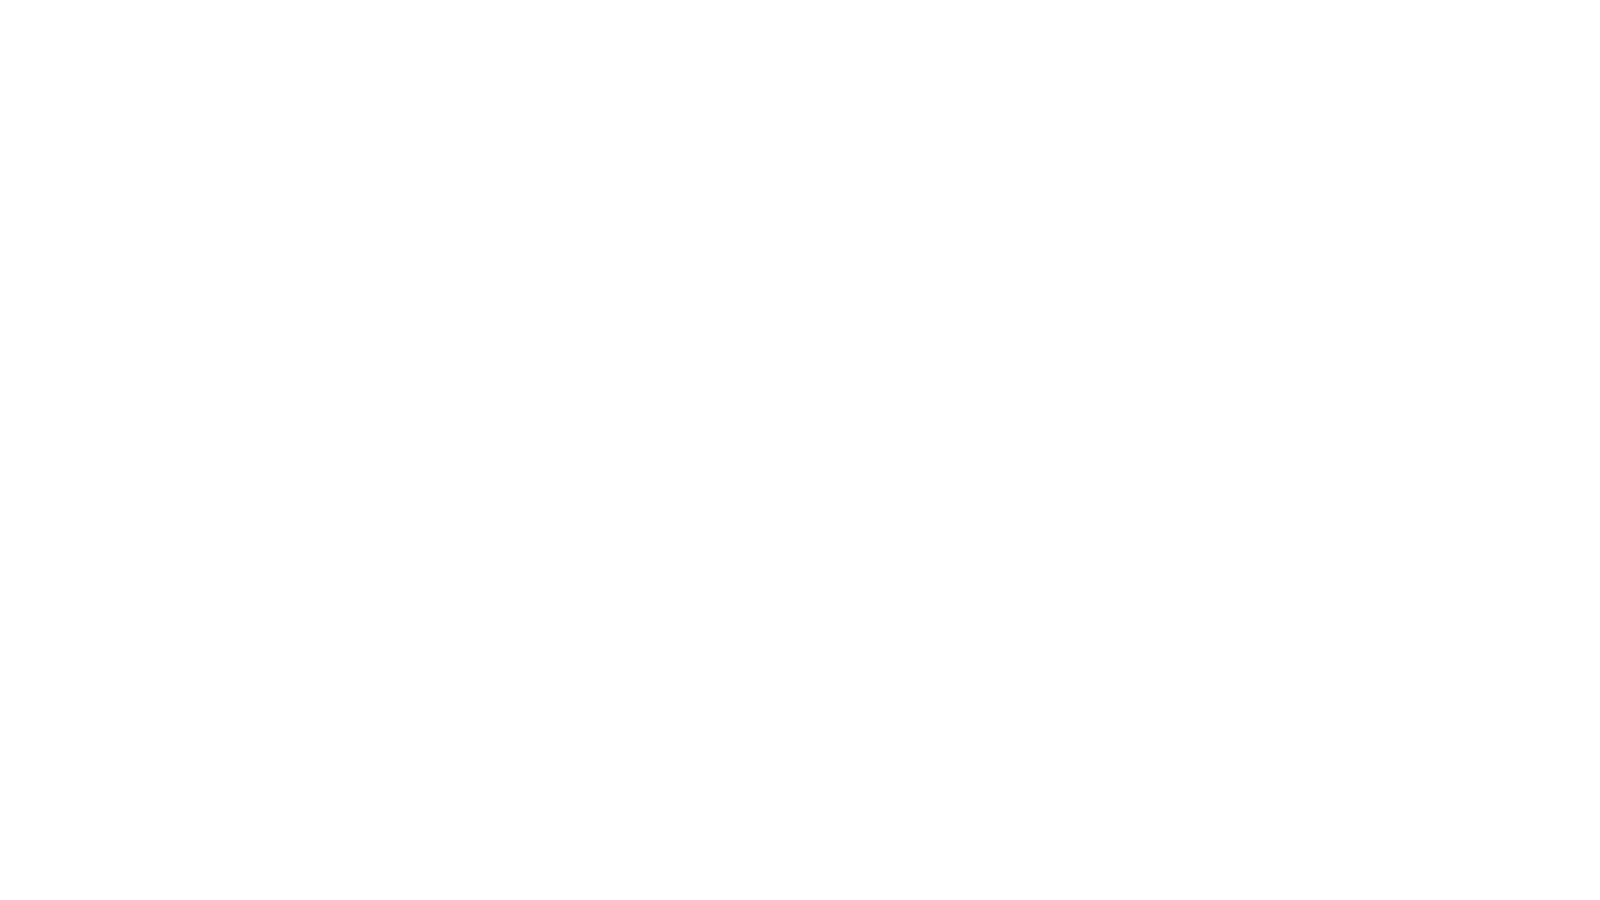 """Ο Βουλευτής ΝΔ Καρδίτσας Γιώργος Κωτσός ήταν καλεσμένος του Σωτήρη Πολύζου στην εκπομπή της TRT """"Κεντρική Ελλάδα Καλησπέρα"""" την Πέμπτη 29 Οκτωβρίου 2020"""